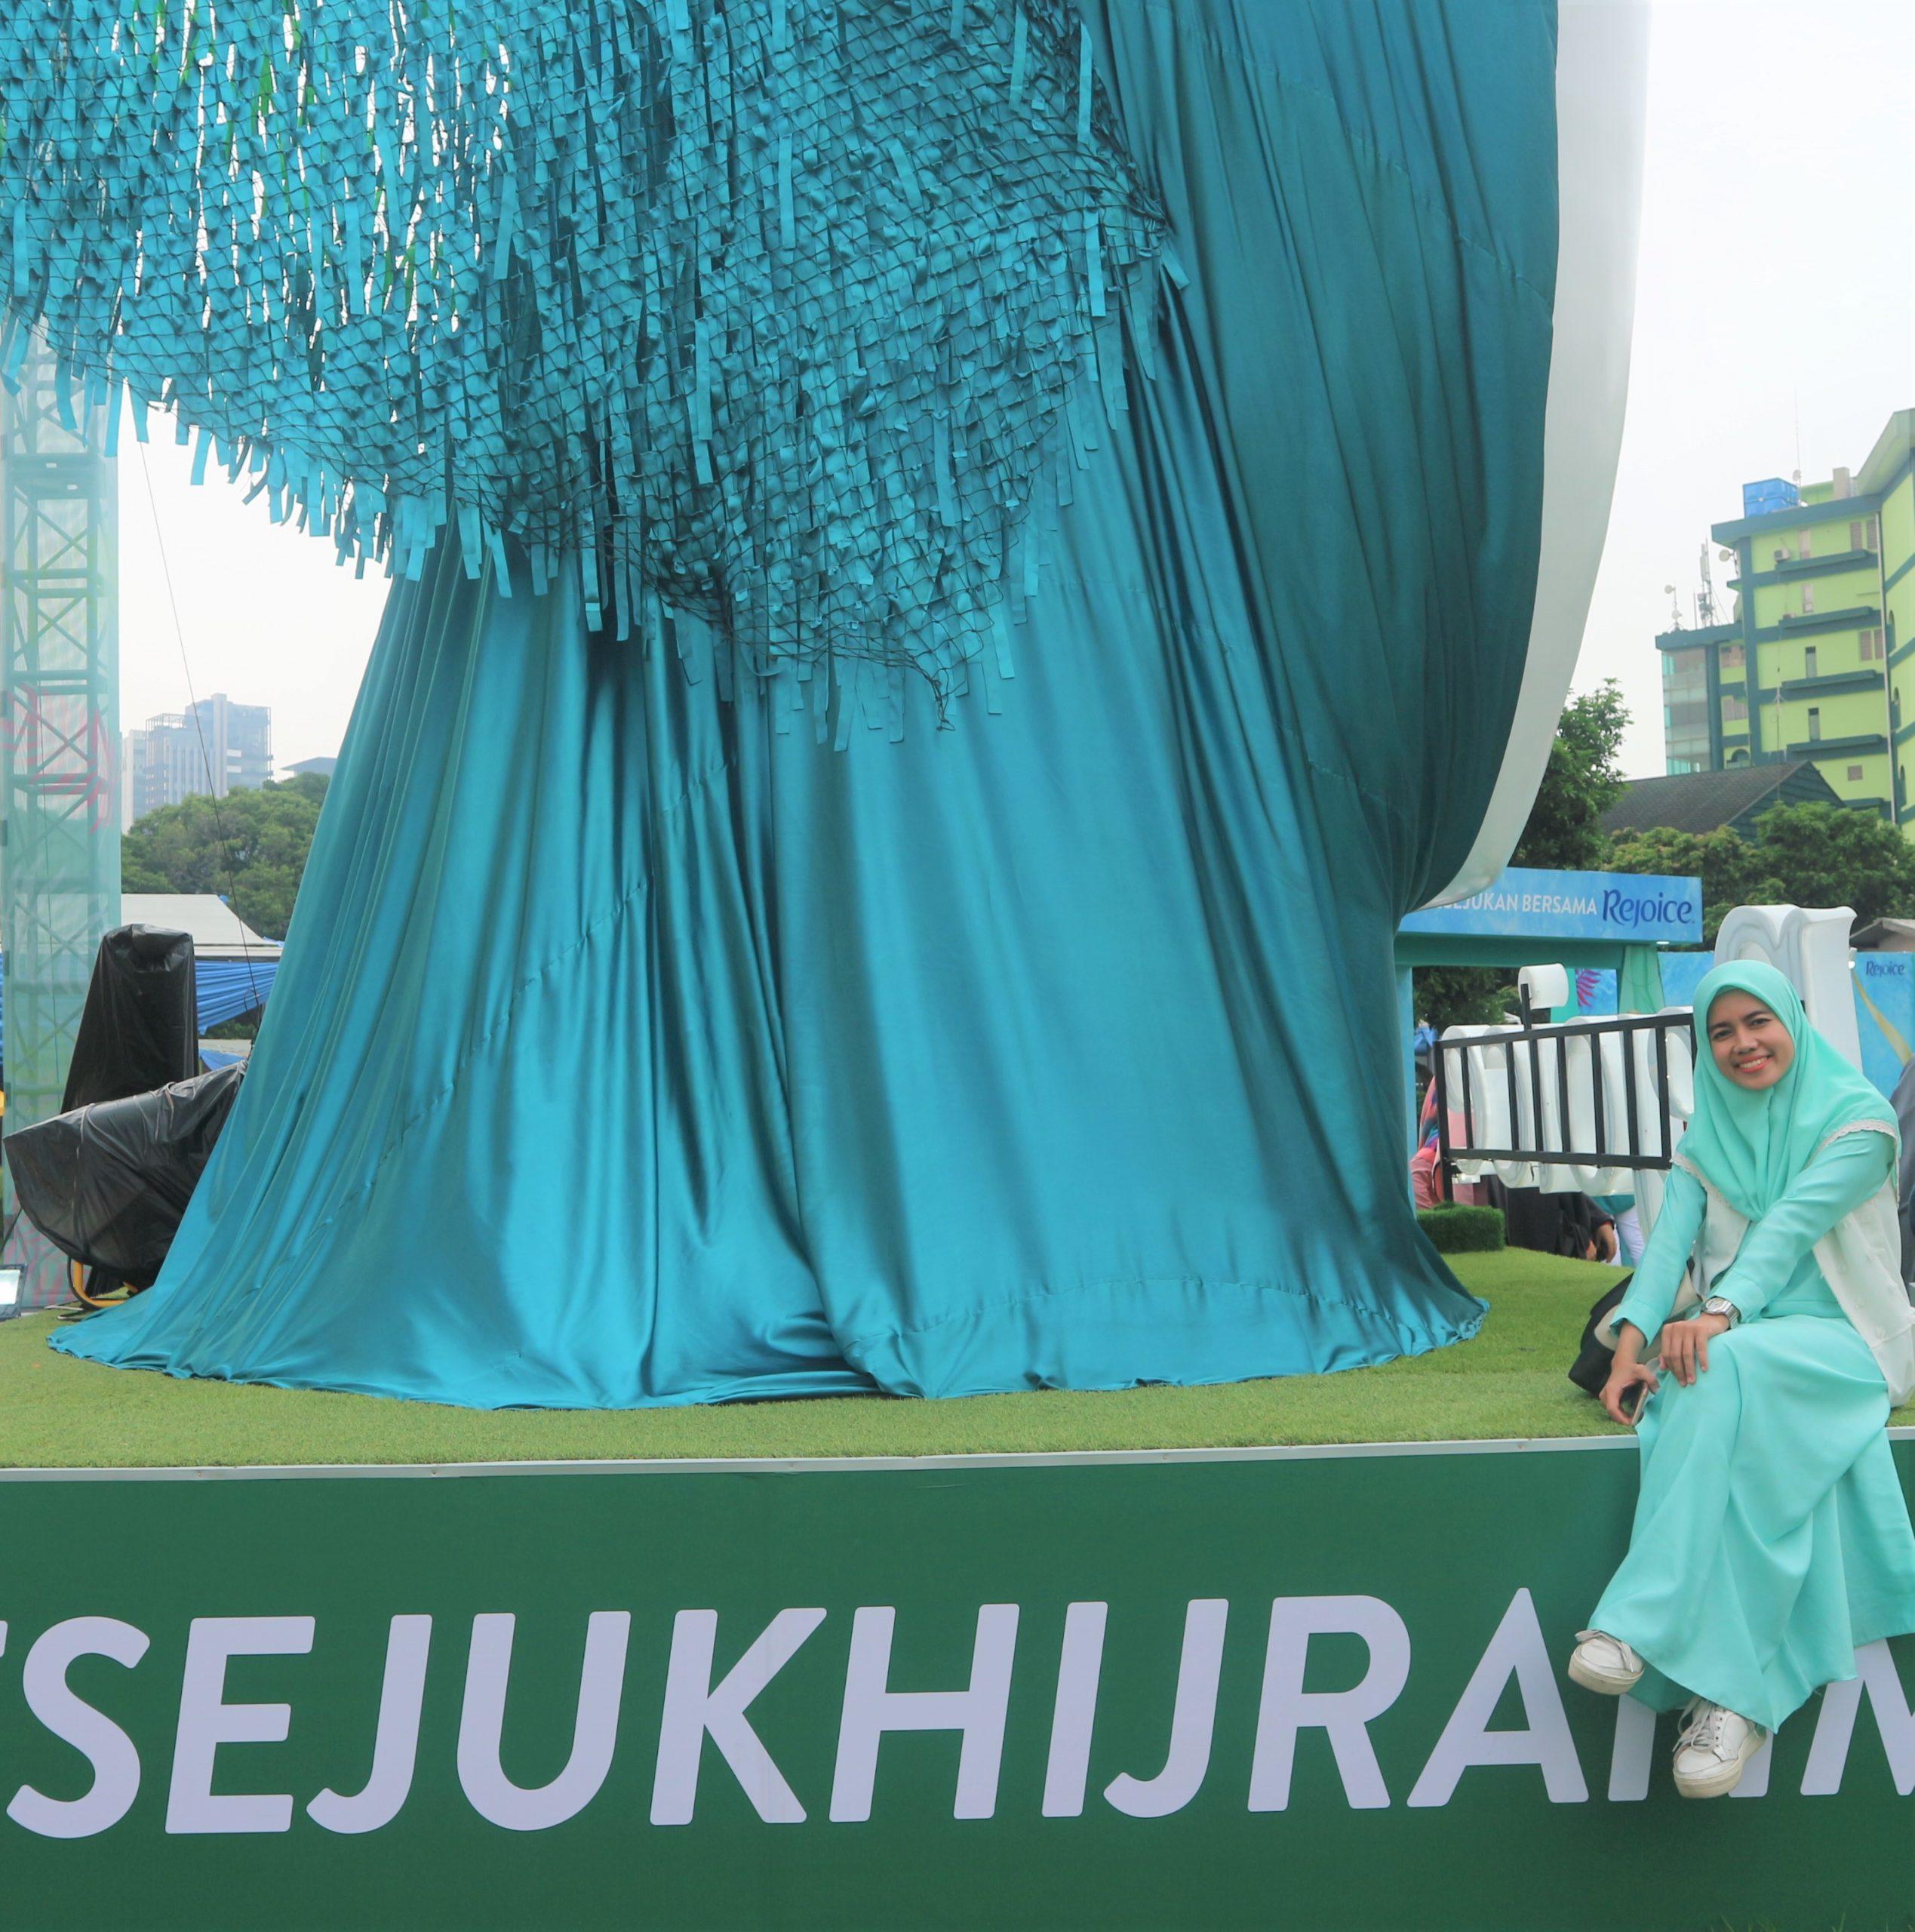 Rejoice Hijab Perfection: Sesejuk Hijrahmu